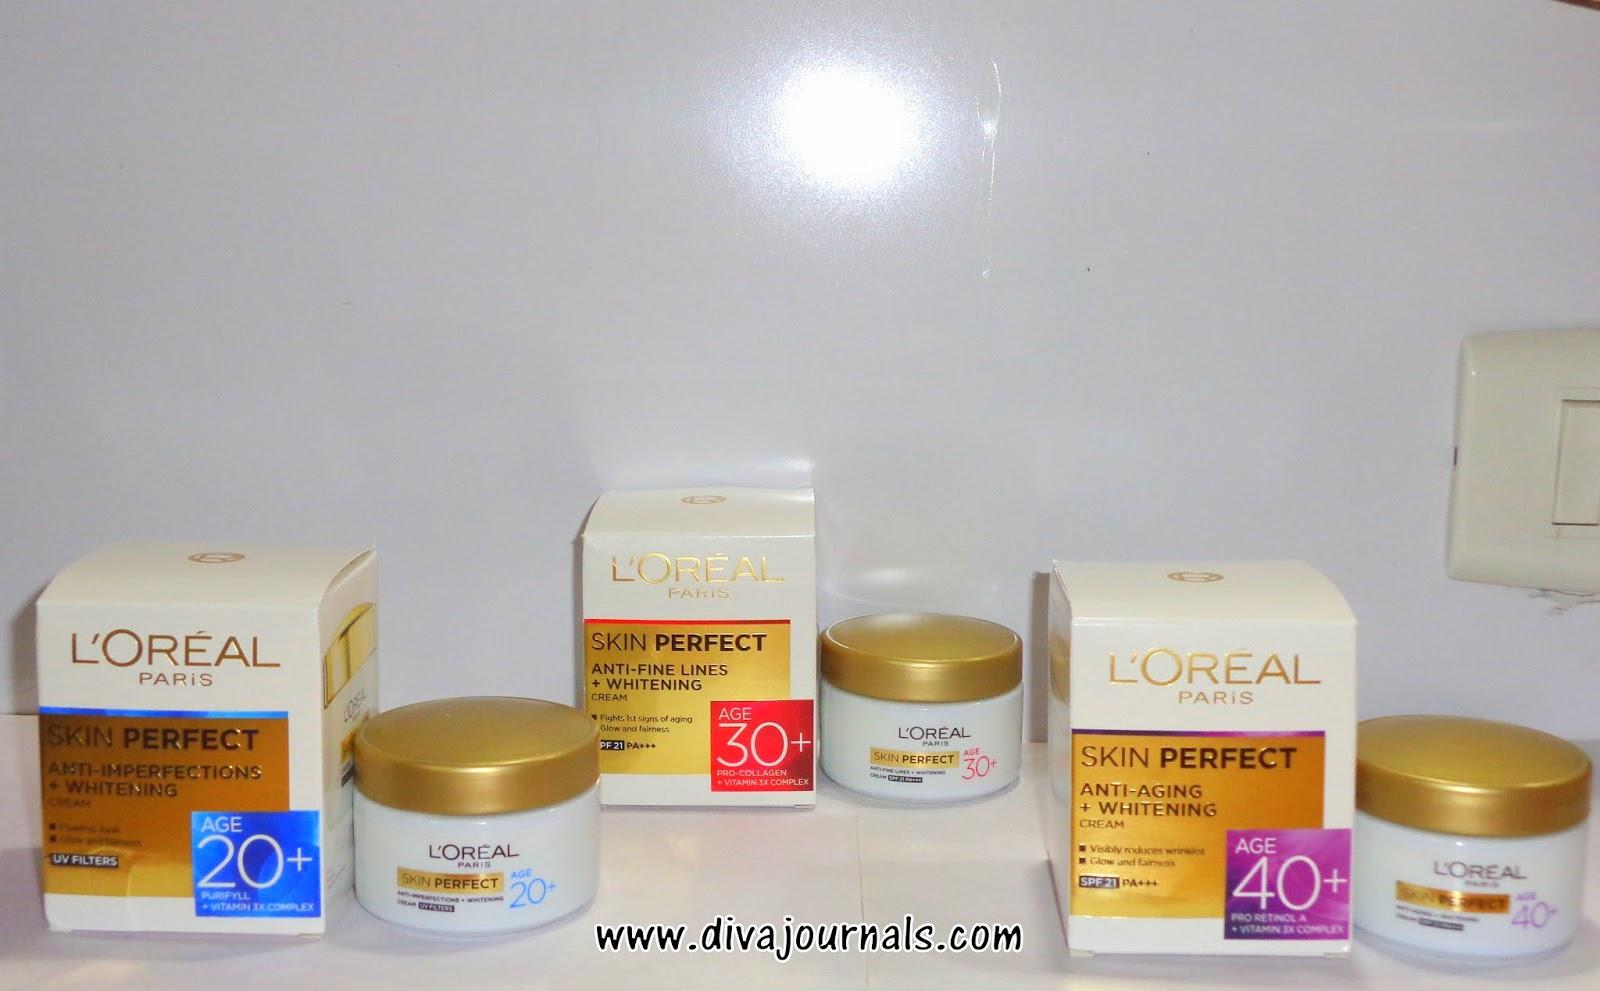 Sneak peek of Loreal Paris Skin Perfect Skincare Range